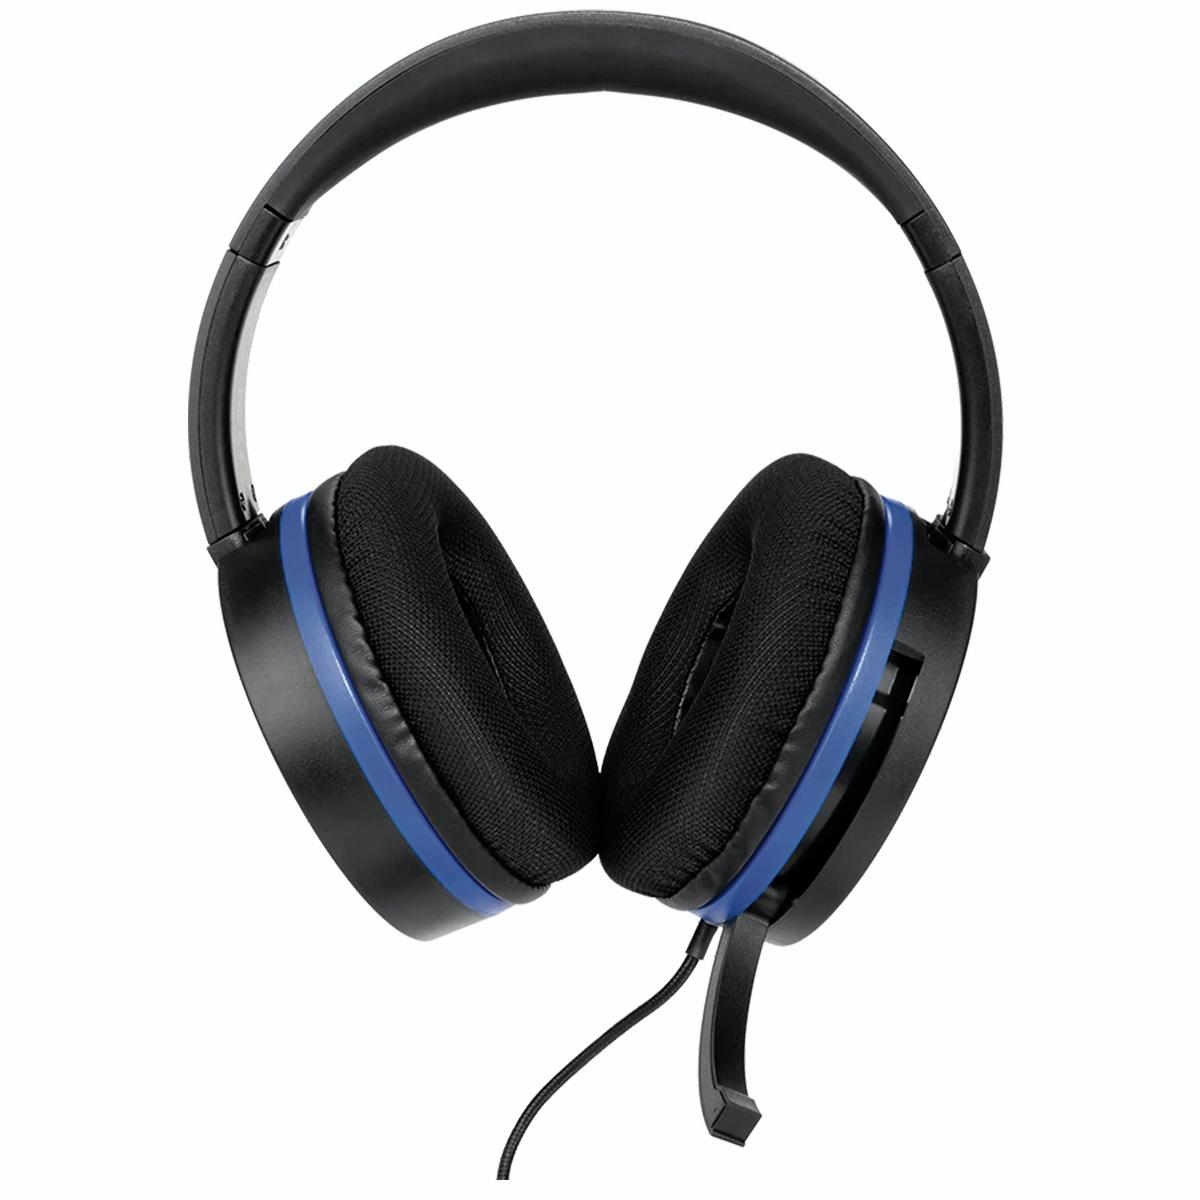 SnakeByte SONY PS4 ステレオヘッドセット HEAD:SET 4 PRO™ ヘッド:セット 4 プロ  3.5mmジャック 50mmドライバー イヤーパッド交換可能 インラインコントローラー付